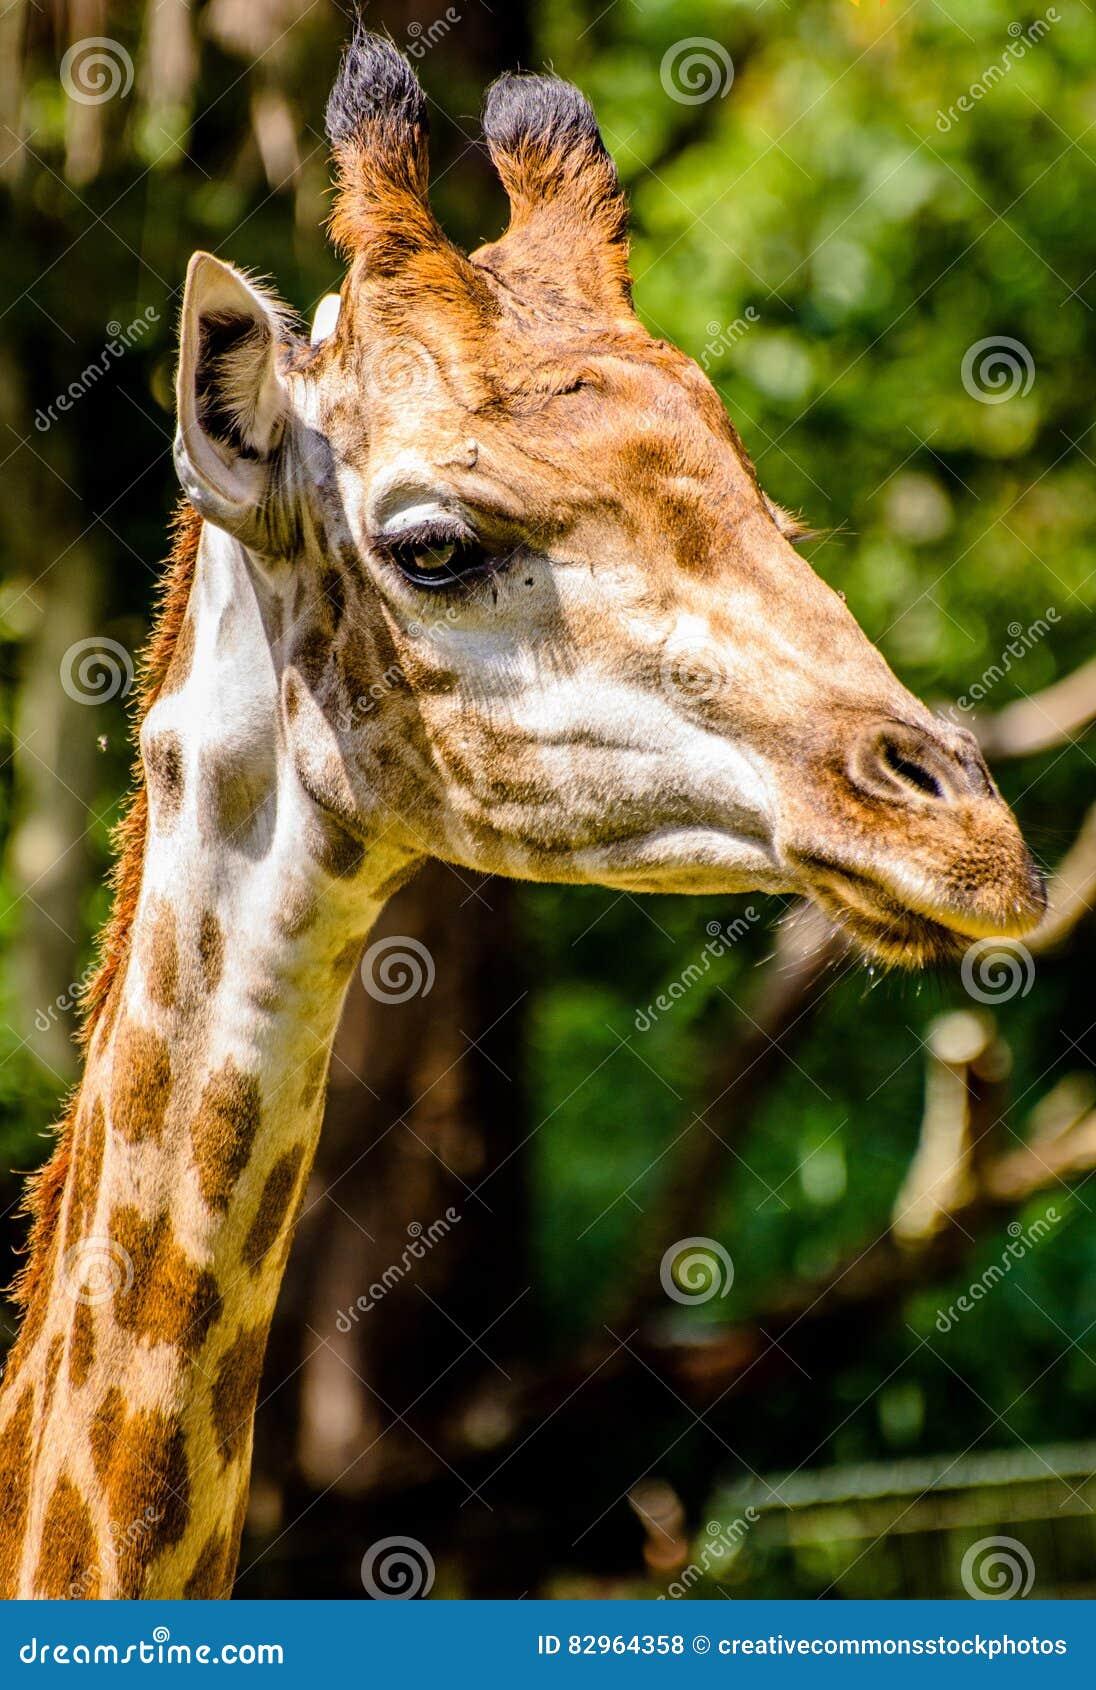 Free Public Domain CC0 Image  Portrait Of Giraffe Picture. Image ... d7aed6e4df